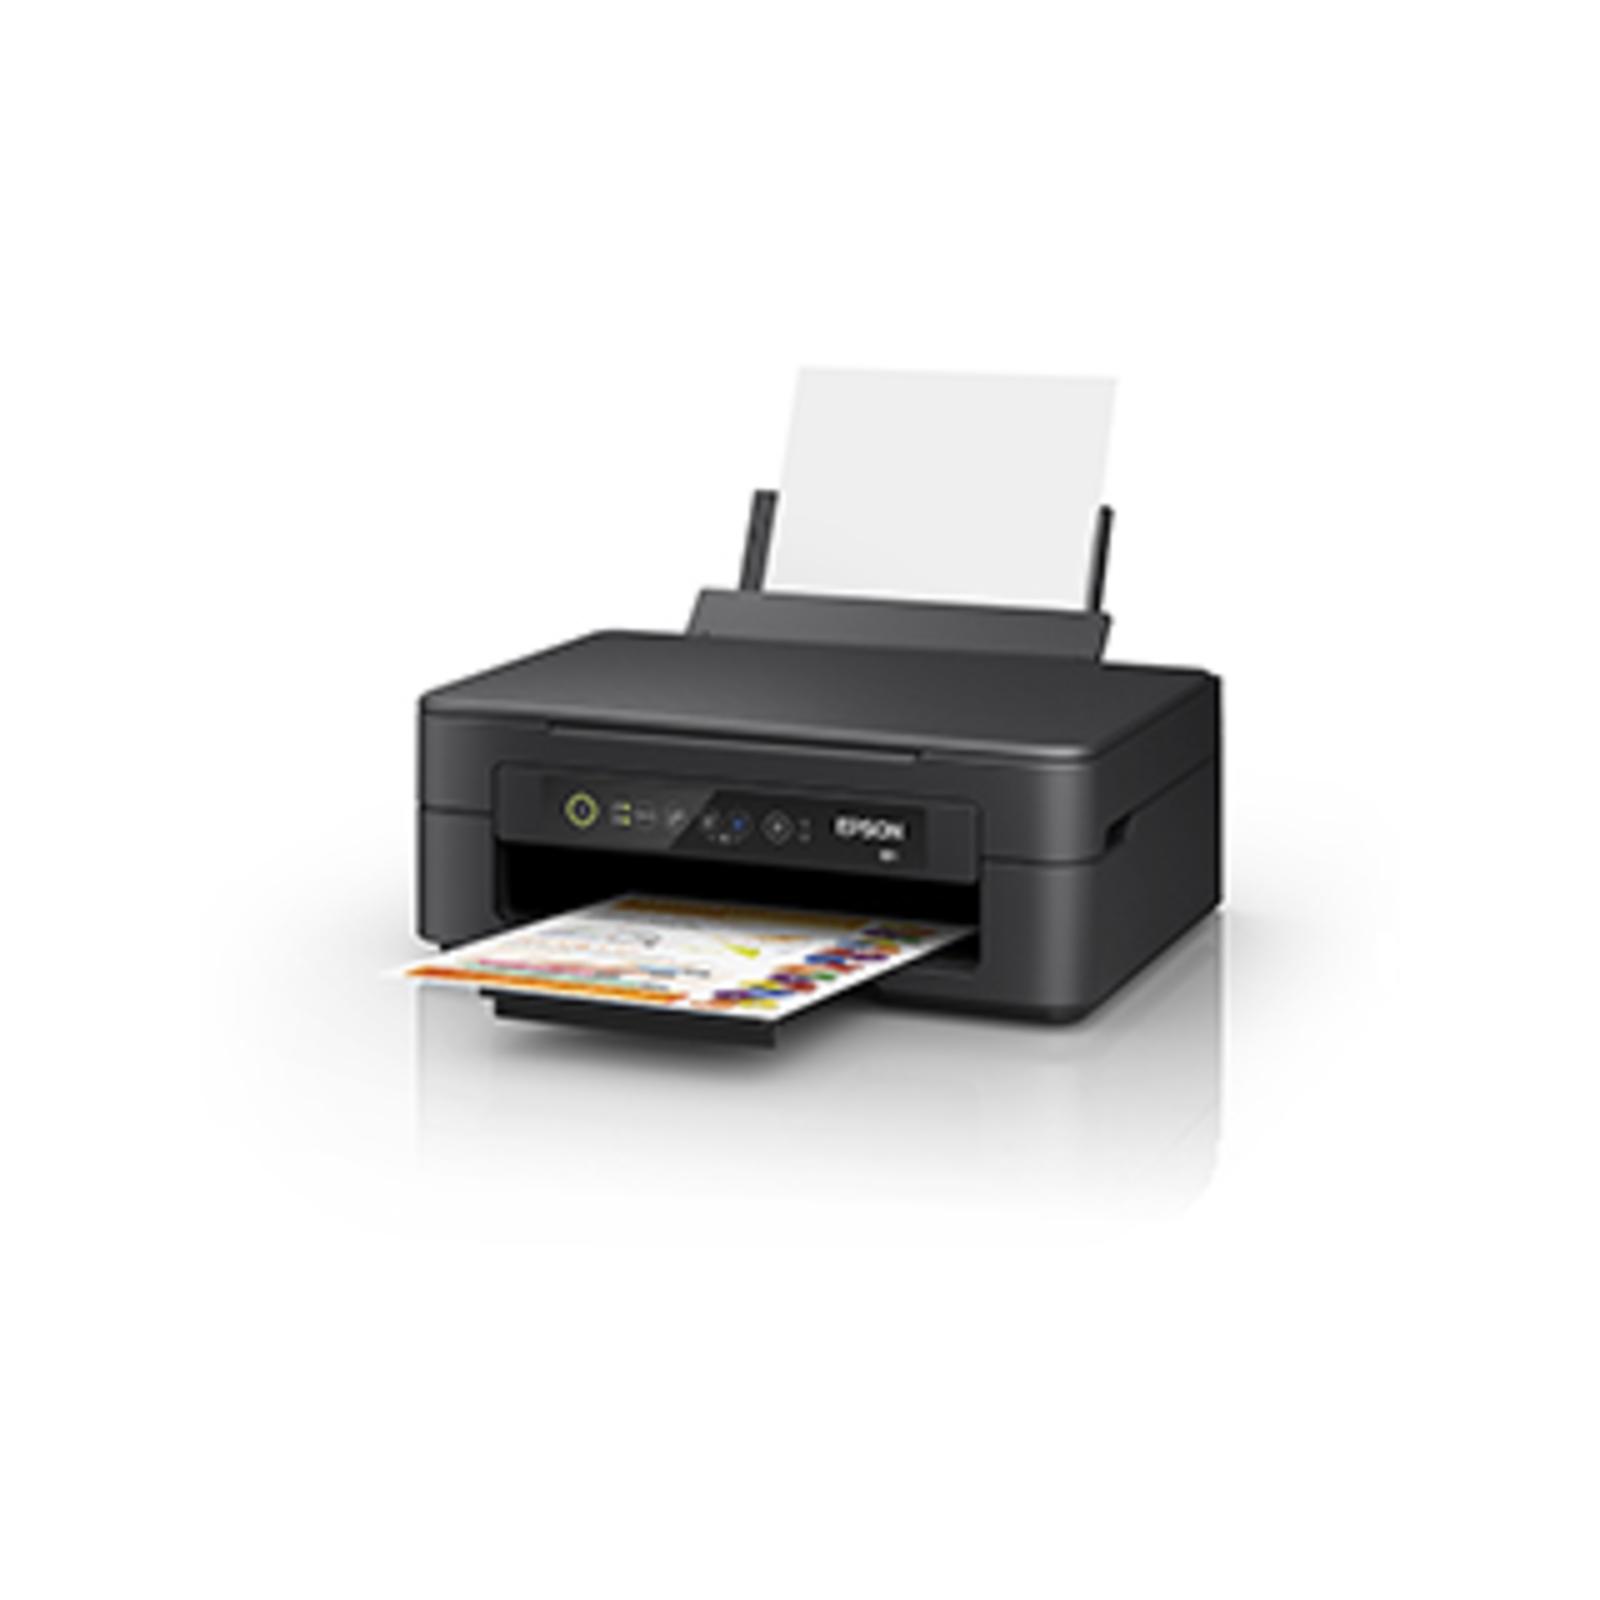 Epson Expression XP-2100 A4 Colour Home Inkjet Printer MFP - Print, Copy, Scan, Wi-Fi